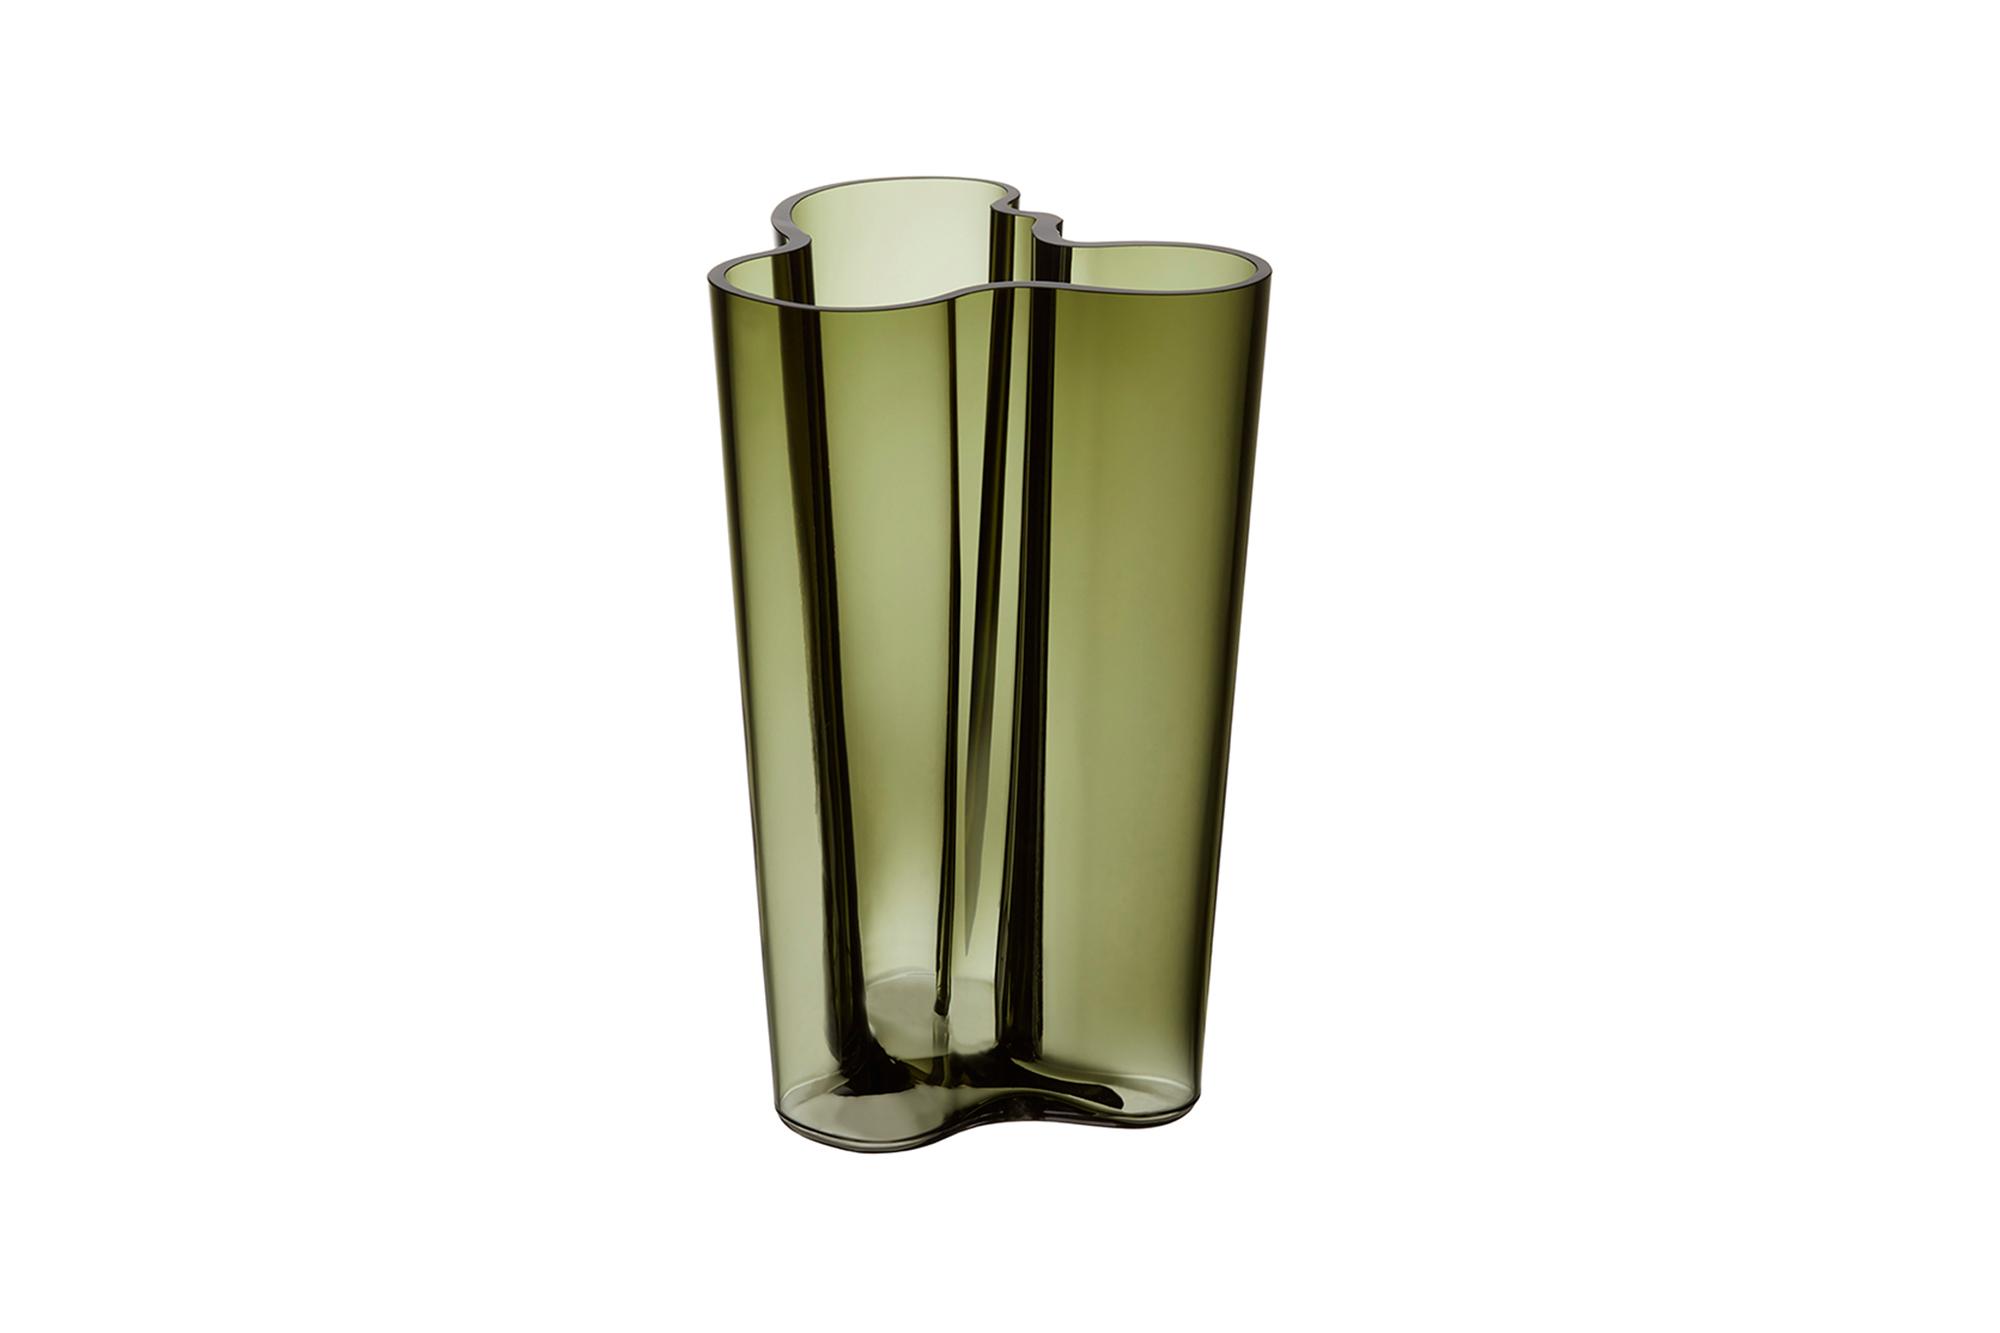 Alvar Aalto Savoy Tall Vase